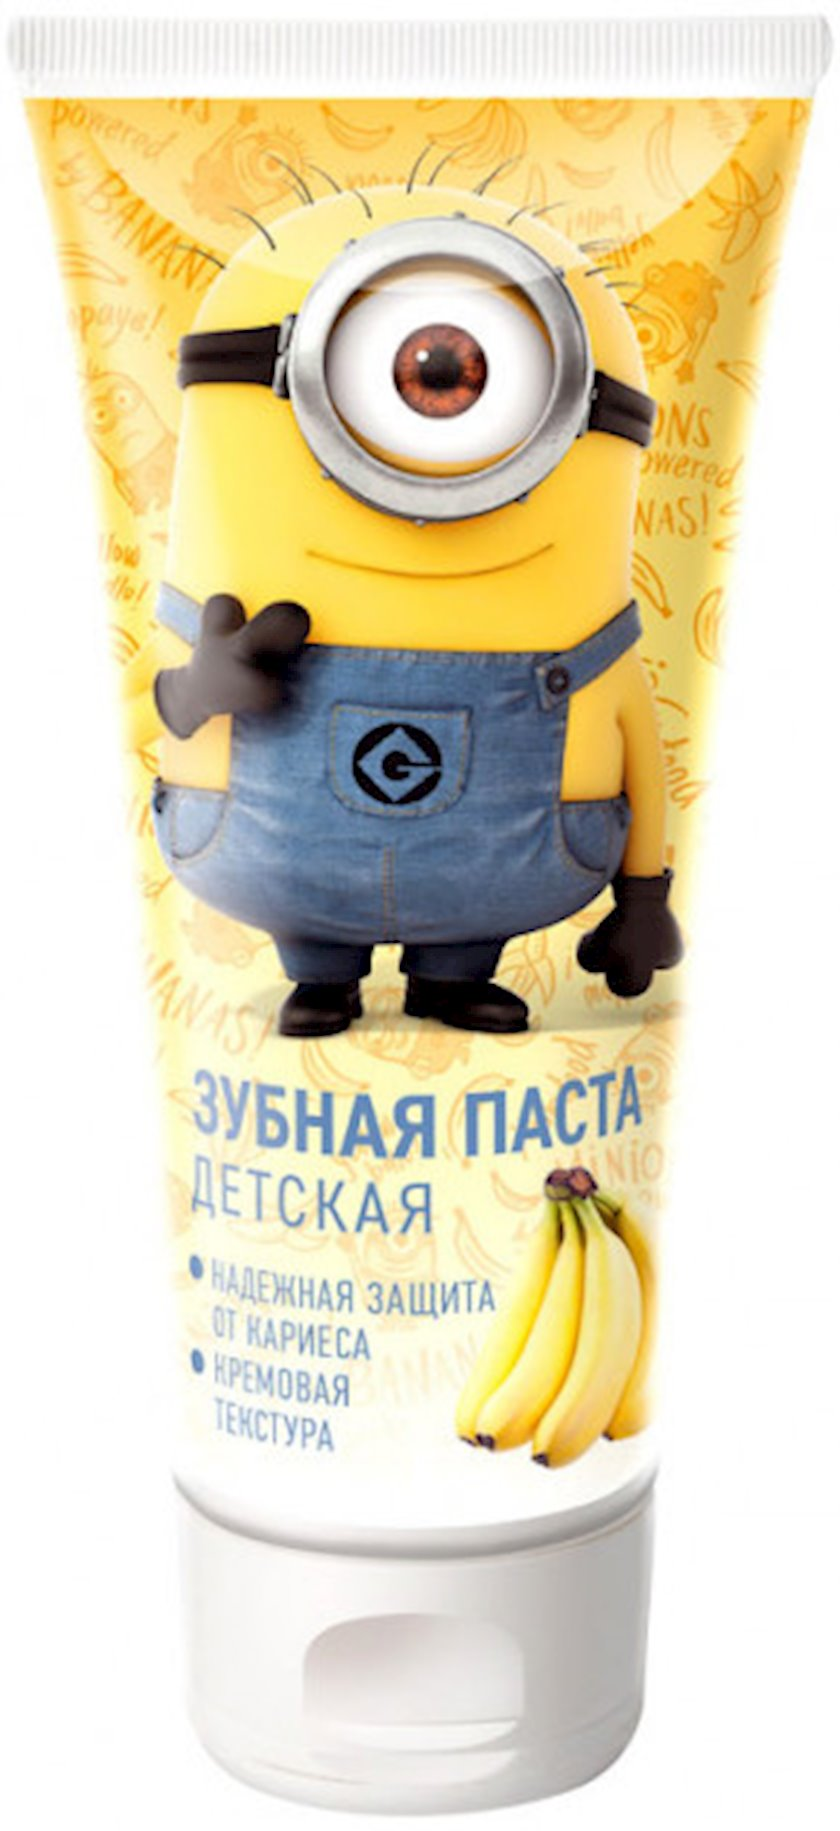 Diş pastası uşaqlar üçün Clever Company Гадкий Я banan dadıyla 60 q